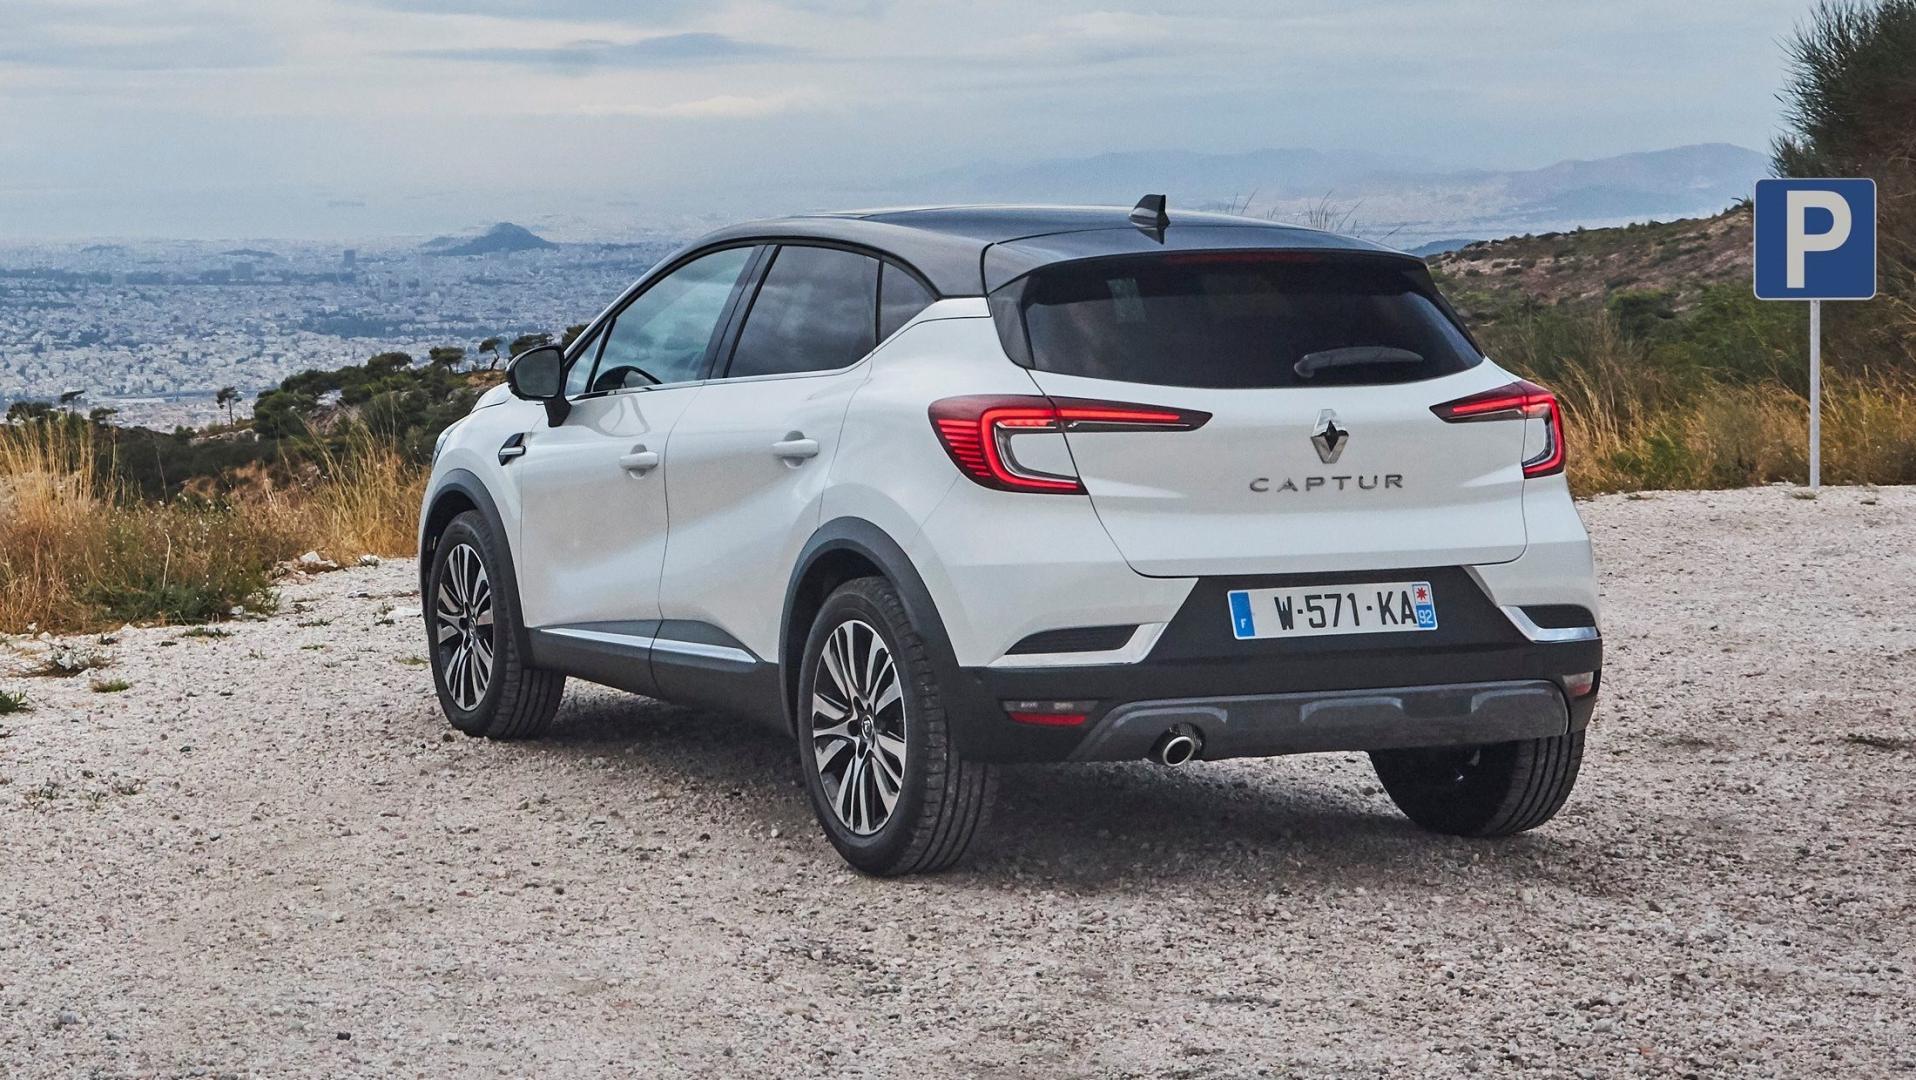 Renault Captur op parkeerplaats met uitzicht en p-bordje